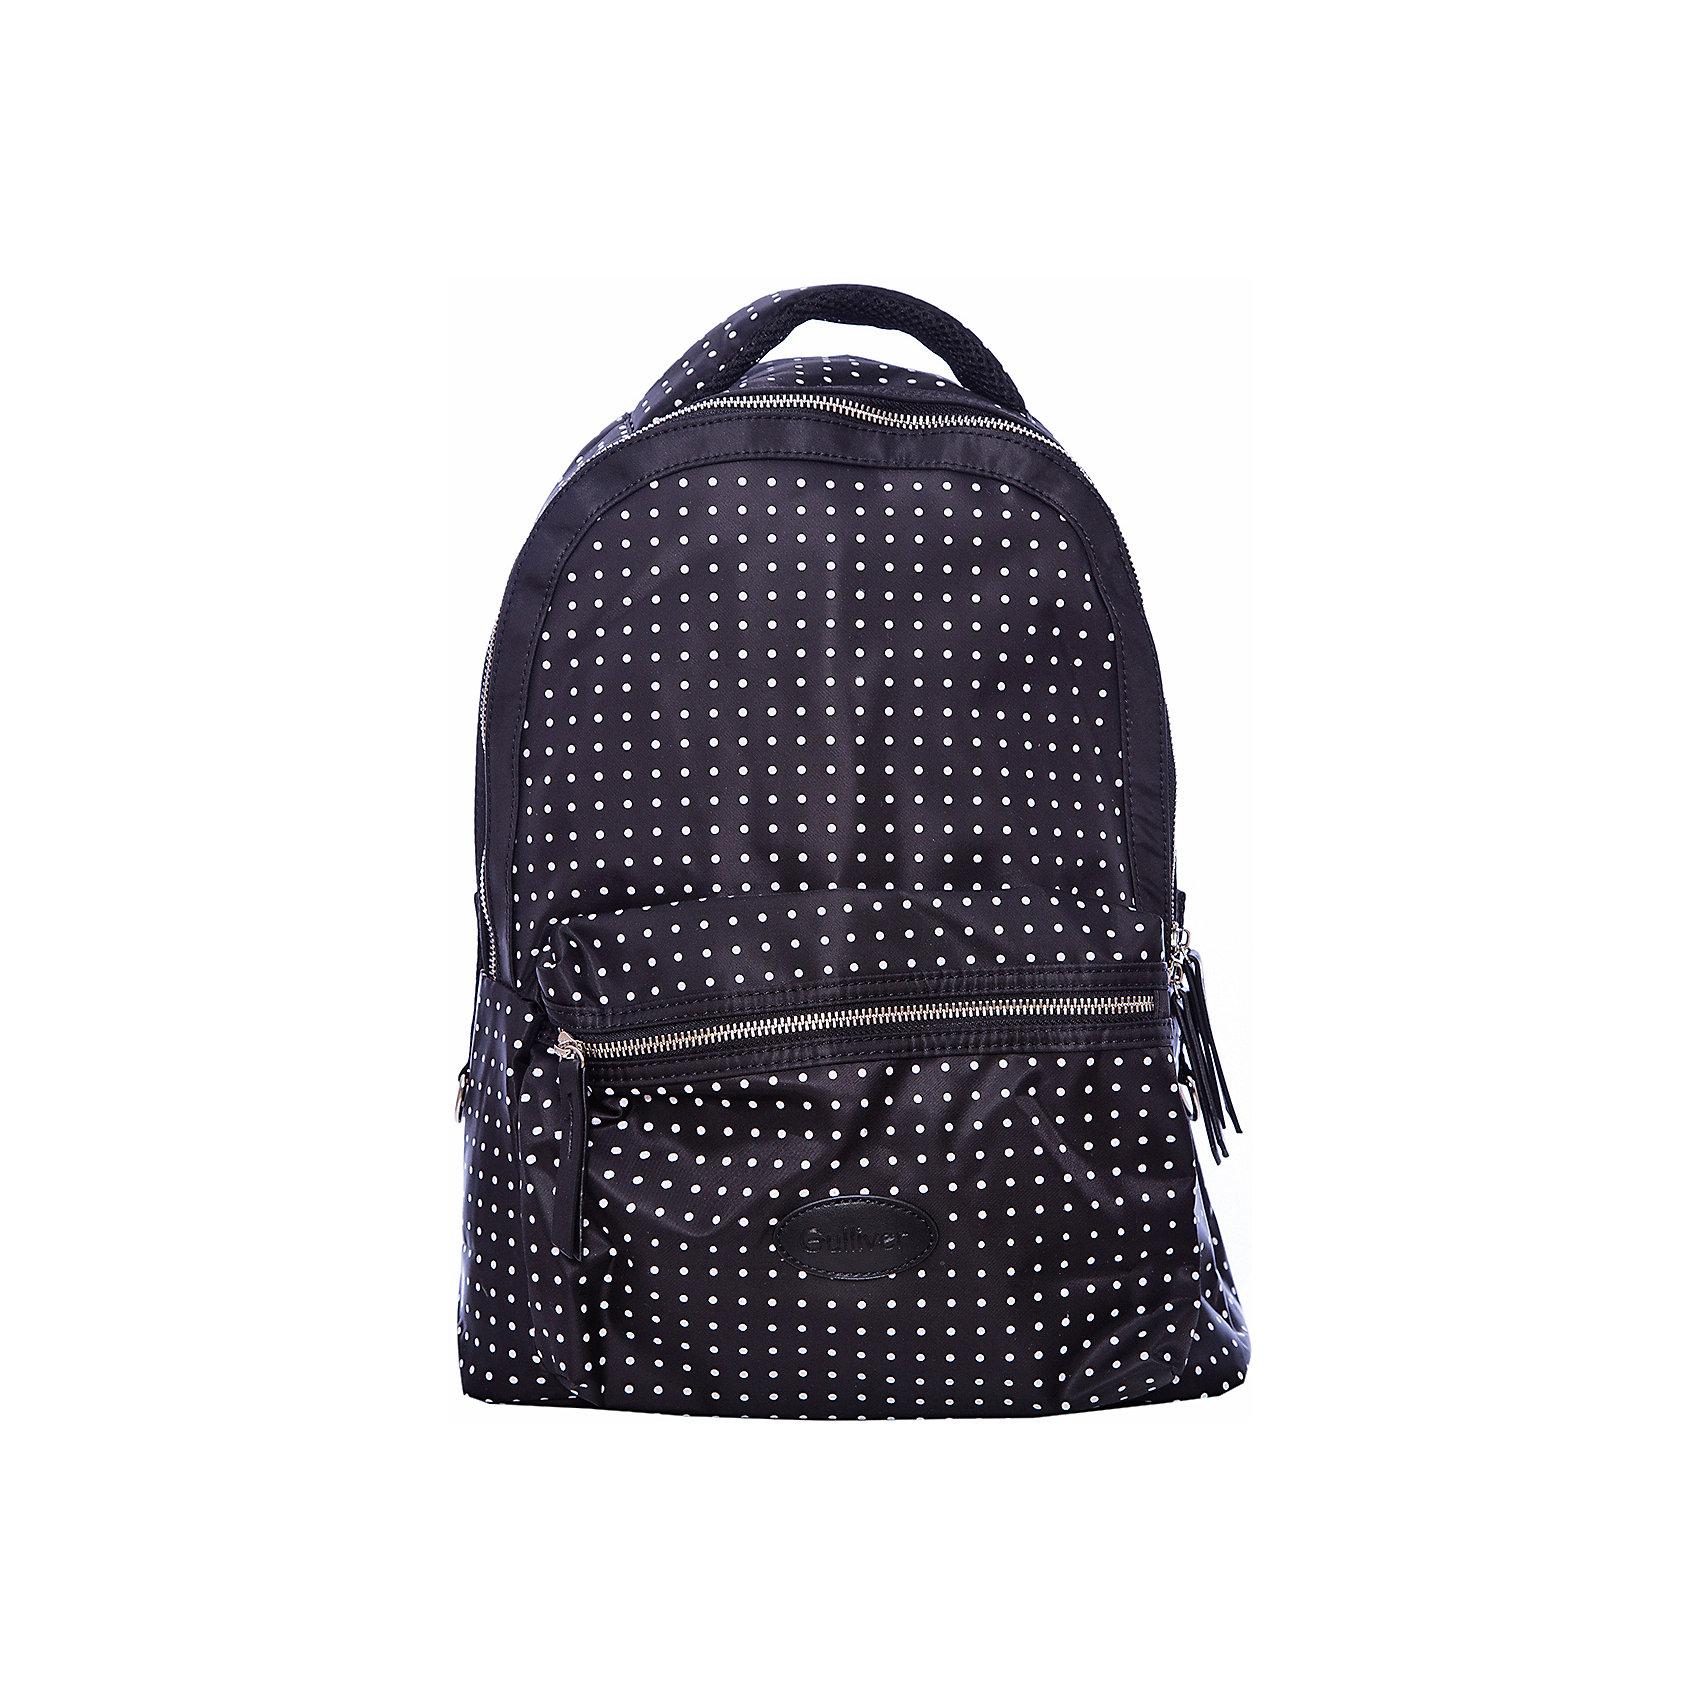 Рюкзак GulliverАксессуары<br>Характеристики товара:<br><br>• цвет: черный;<br>• материал: текстиль;<br>• застежка: молния;<br>• особенности: школьный, повседневный, в горох;<br>• эргономическая спинка;<br>• воздухопроницаемая ткань на спинке;<br>• внешний карман на молнии;<br>• страна бренда: Россия;<br>• страна производства: Китай.<br><br>Школьный рюкзак на молнии для девочки. Черный рюкзак в белый горошек с эргономической спинкой и внешним карманам на молнии. Молодежный рюкзак подходит как для школы, так и для повседневной носки.<br><br>Рюкзак Gulliver (Гулливер) можно купить в нашем интернет-магазине.<br><br>Ширина мм: 227<br>Глубина мм: 11<br>Высота мм: 226<br>Вес г: 350<br>Цвет: черный<br>Возраст от месяцев: 84<br>Возраст до месяцев: 192<br>Пол: Унисекс<br>Возраст: Детский<br>Размер: one size<br>SKU: 6679028